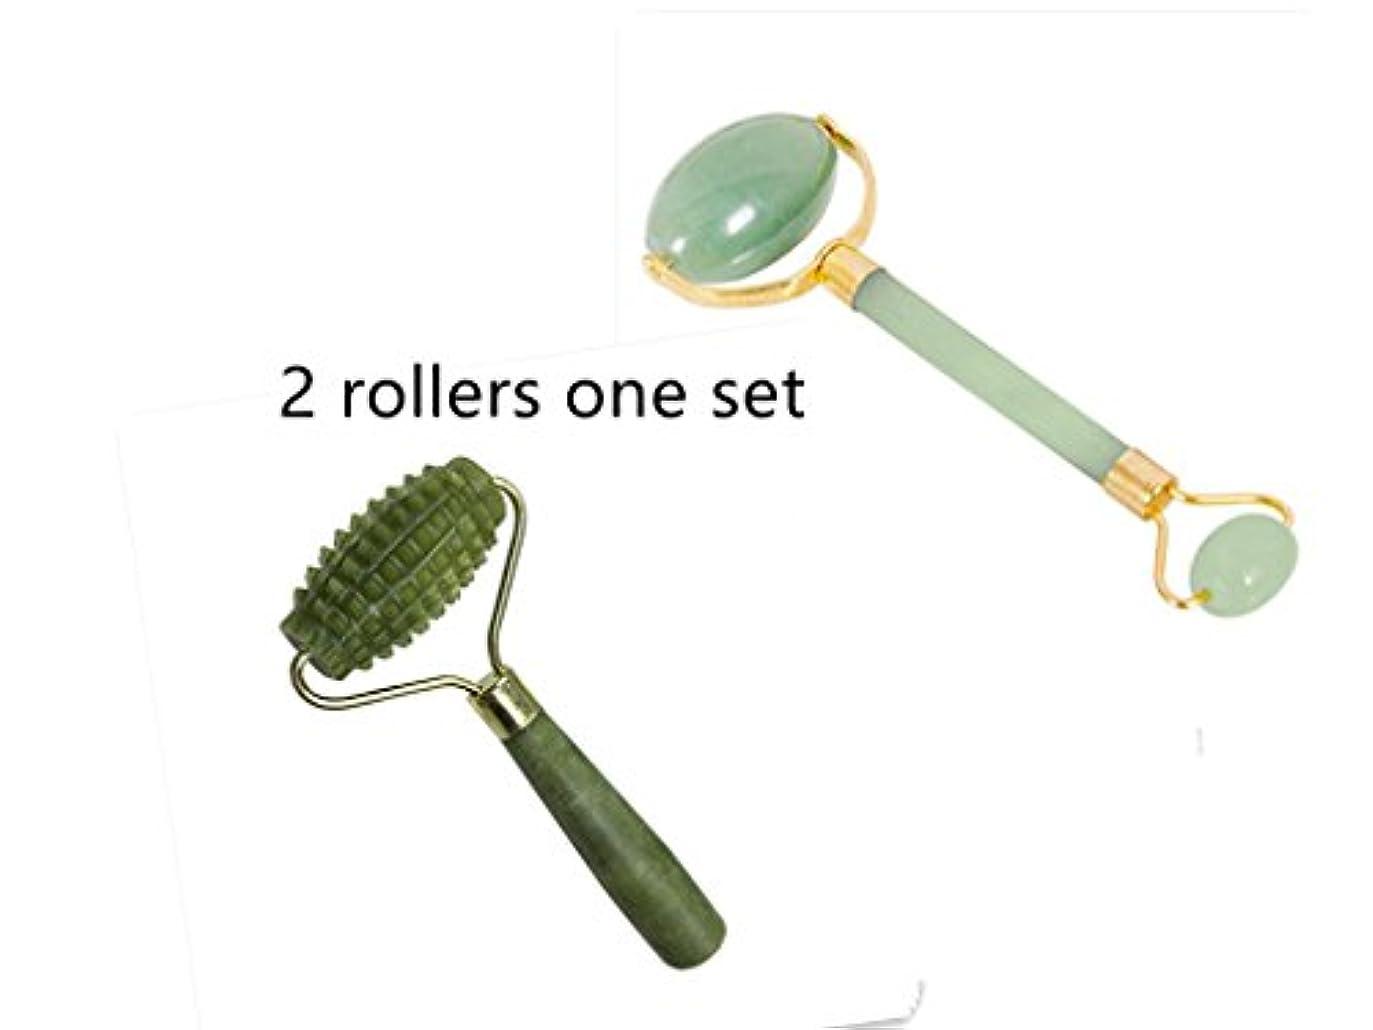 彼らの会話型コマンドEcho & Kern 2点翡翠フェイスマッサジギザギザ付きでローラー 2pcs one set Double head Jade Roller and one single head Jade roller